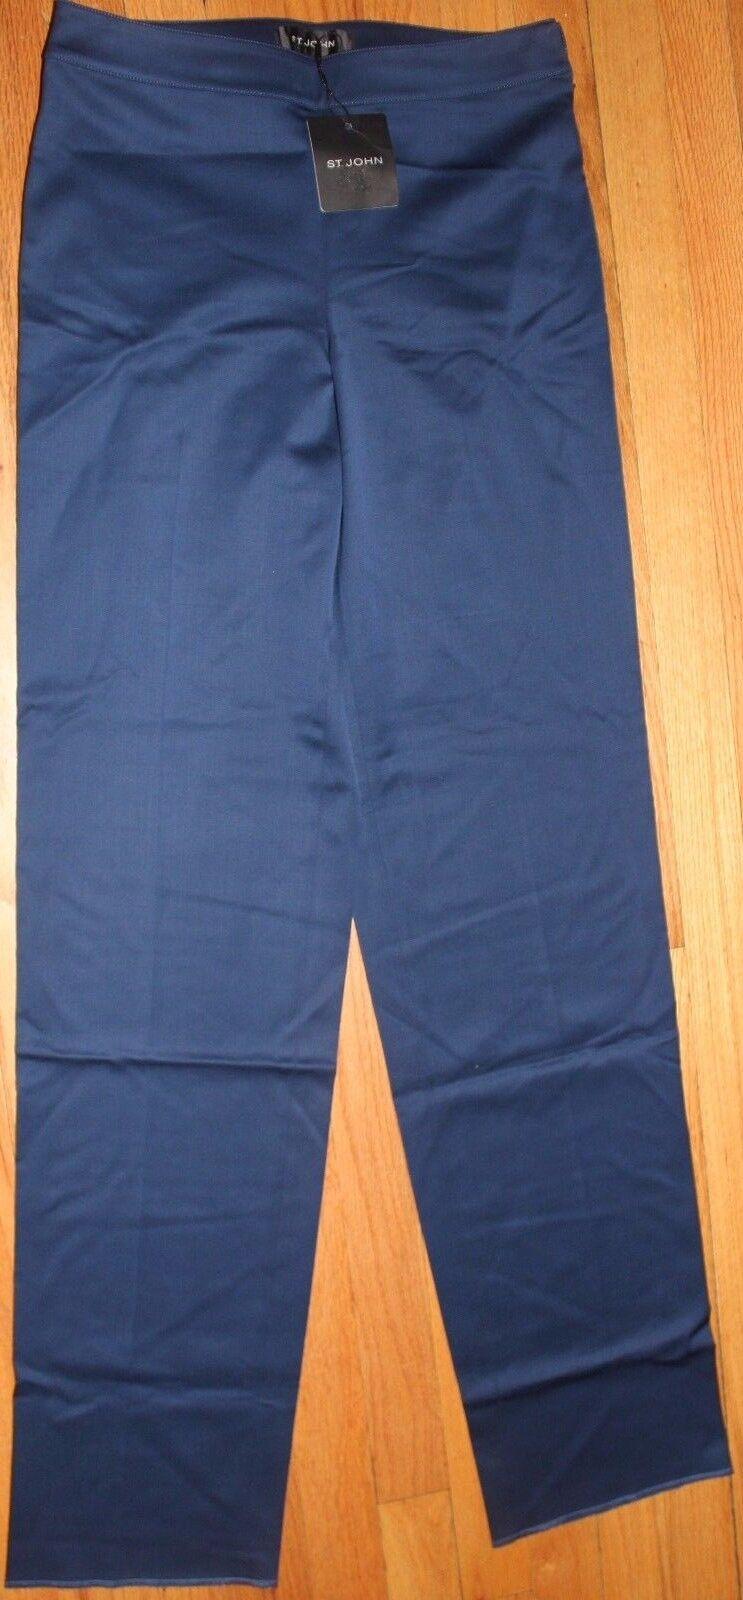 595 ST. JOHN MARINE STRAIGHT LEG UNHEMMED WOOL PANTS  US 4